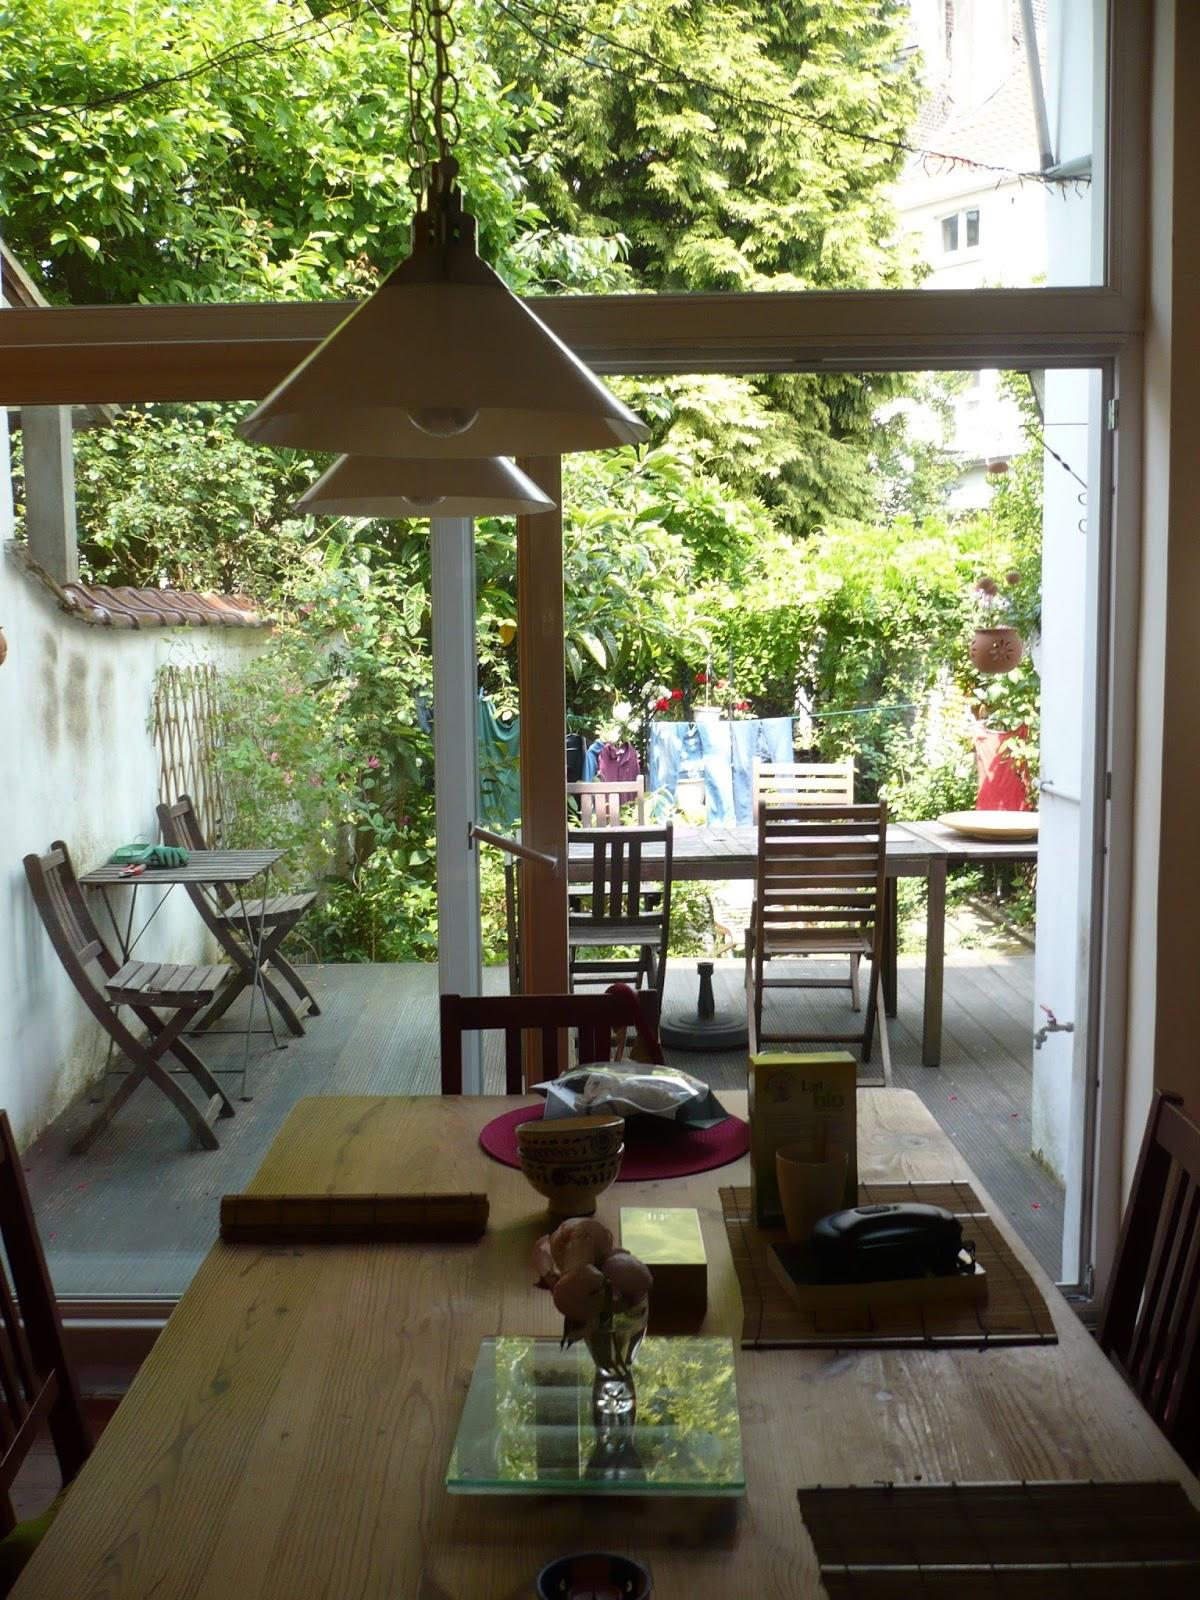 La nature en ville un jardin bruxelles for B b un jardin en ville brussels